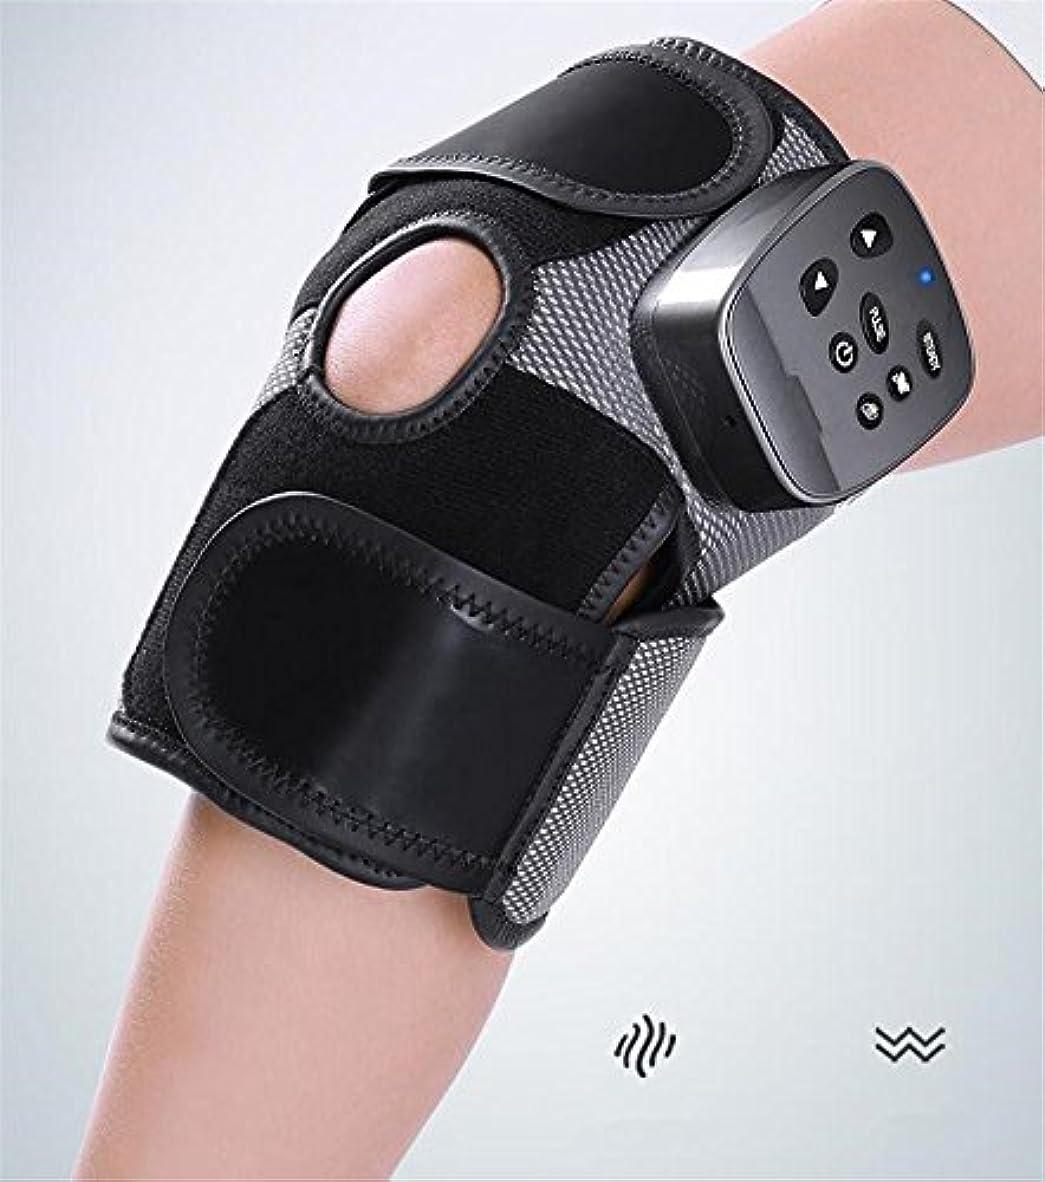 アコード反響する検索エンジンマーケティングELEGENCE-Z膝の痛みのためのベストひざ掛けメリディアンジョイントヘルスケア理学療法器感謝祭Xmasハイエンドのギフト